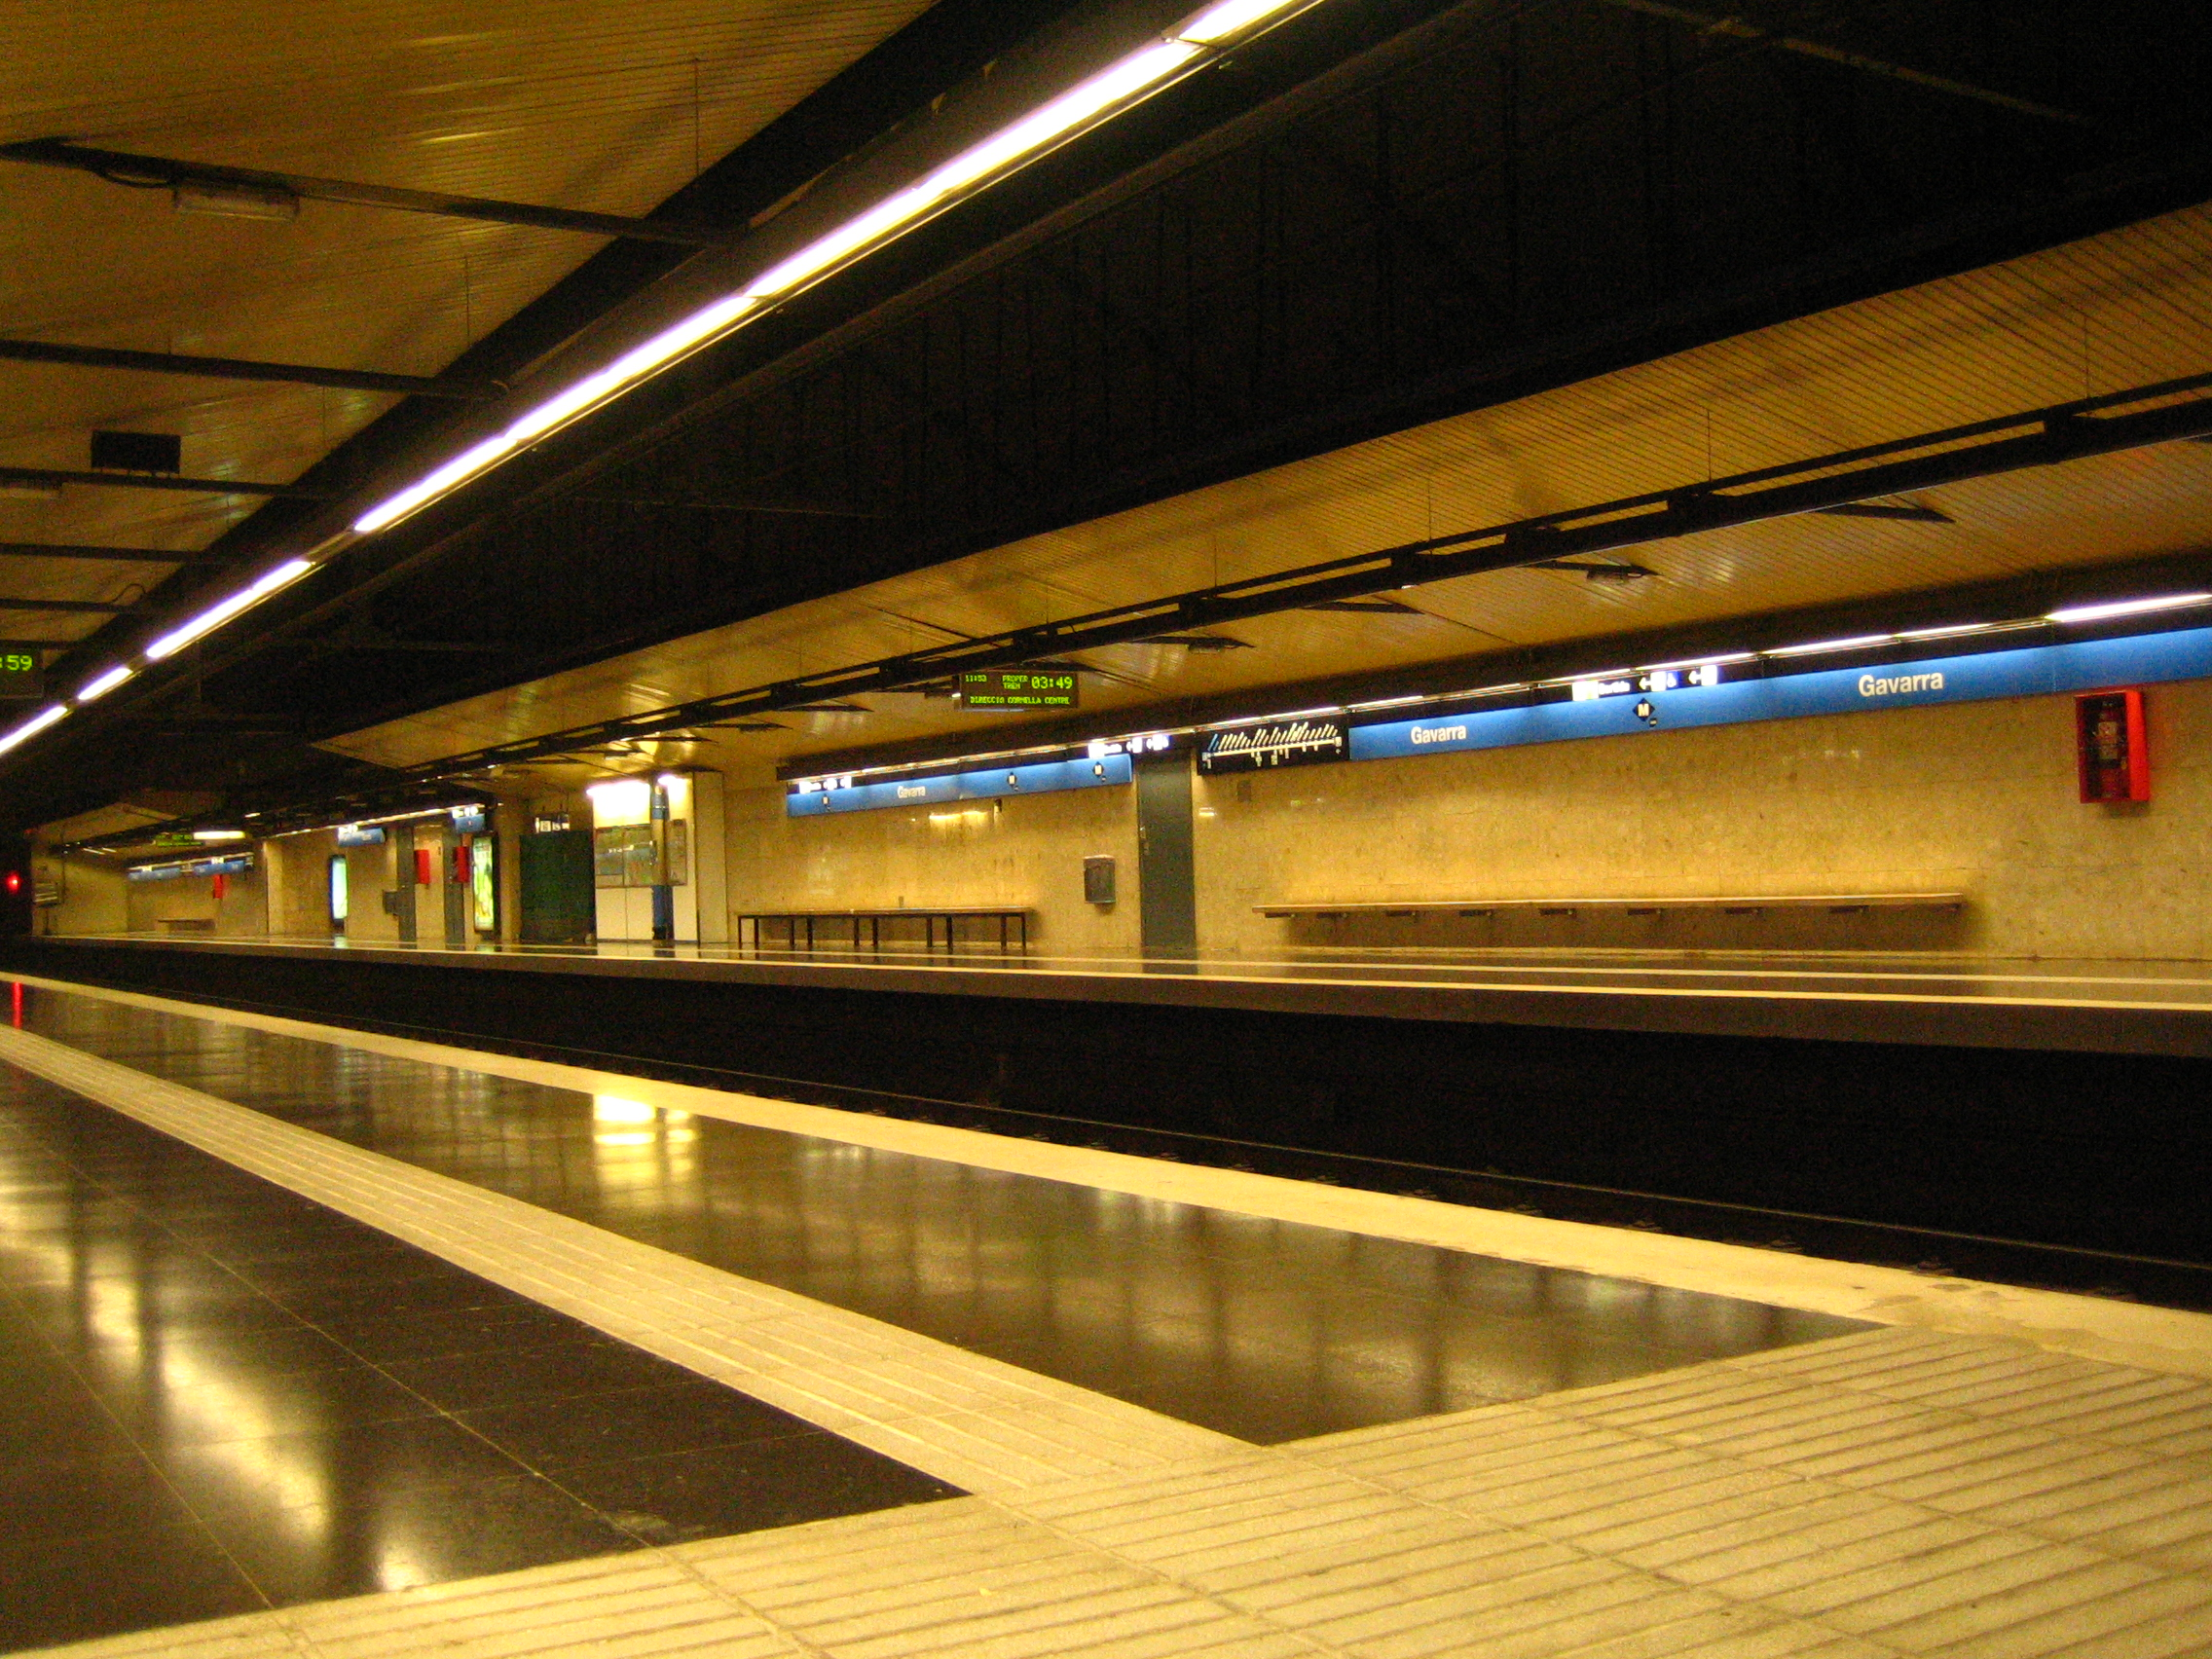 Estació de Gavarra